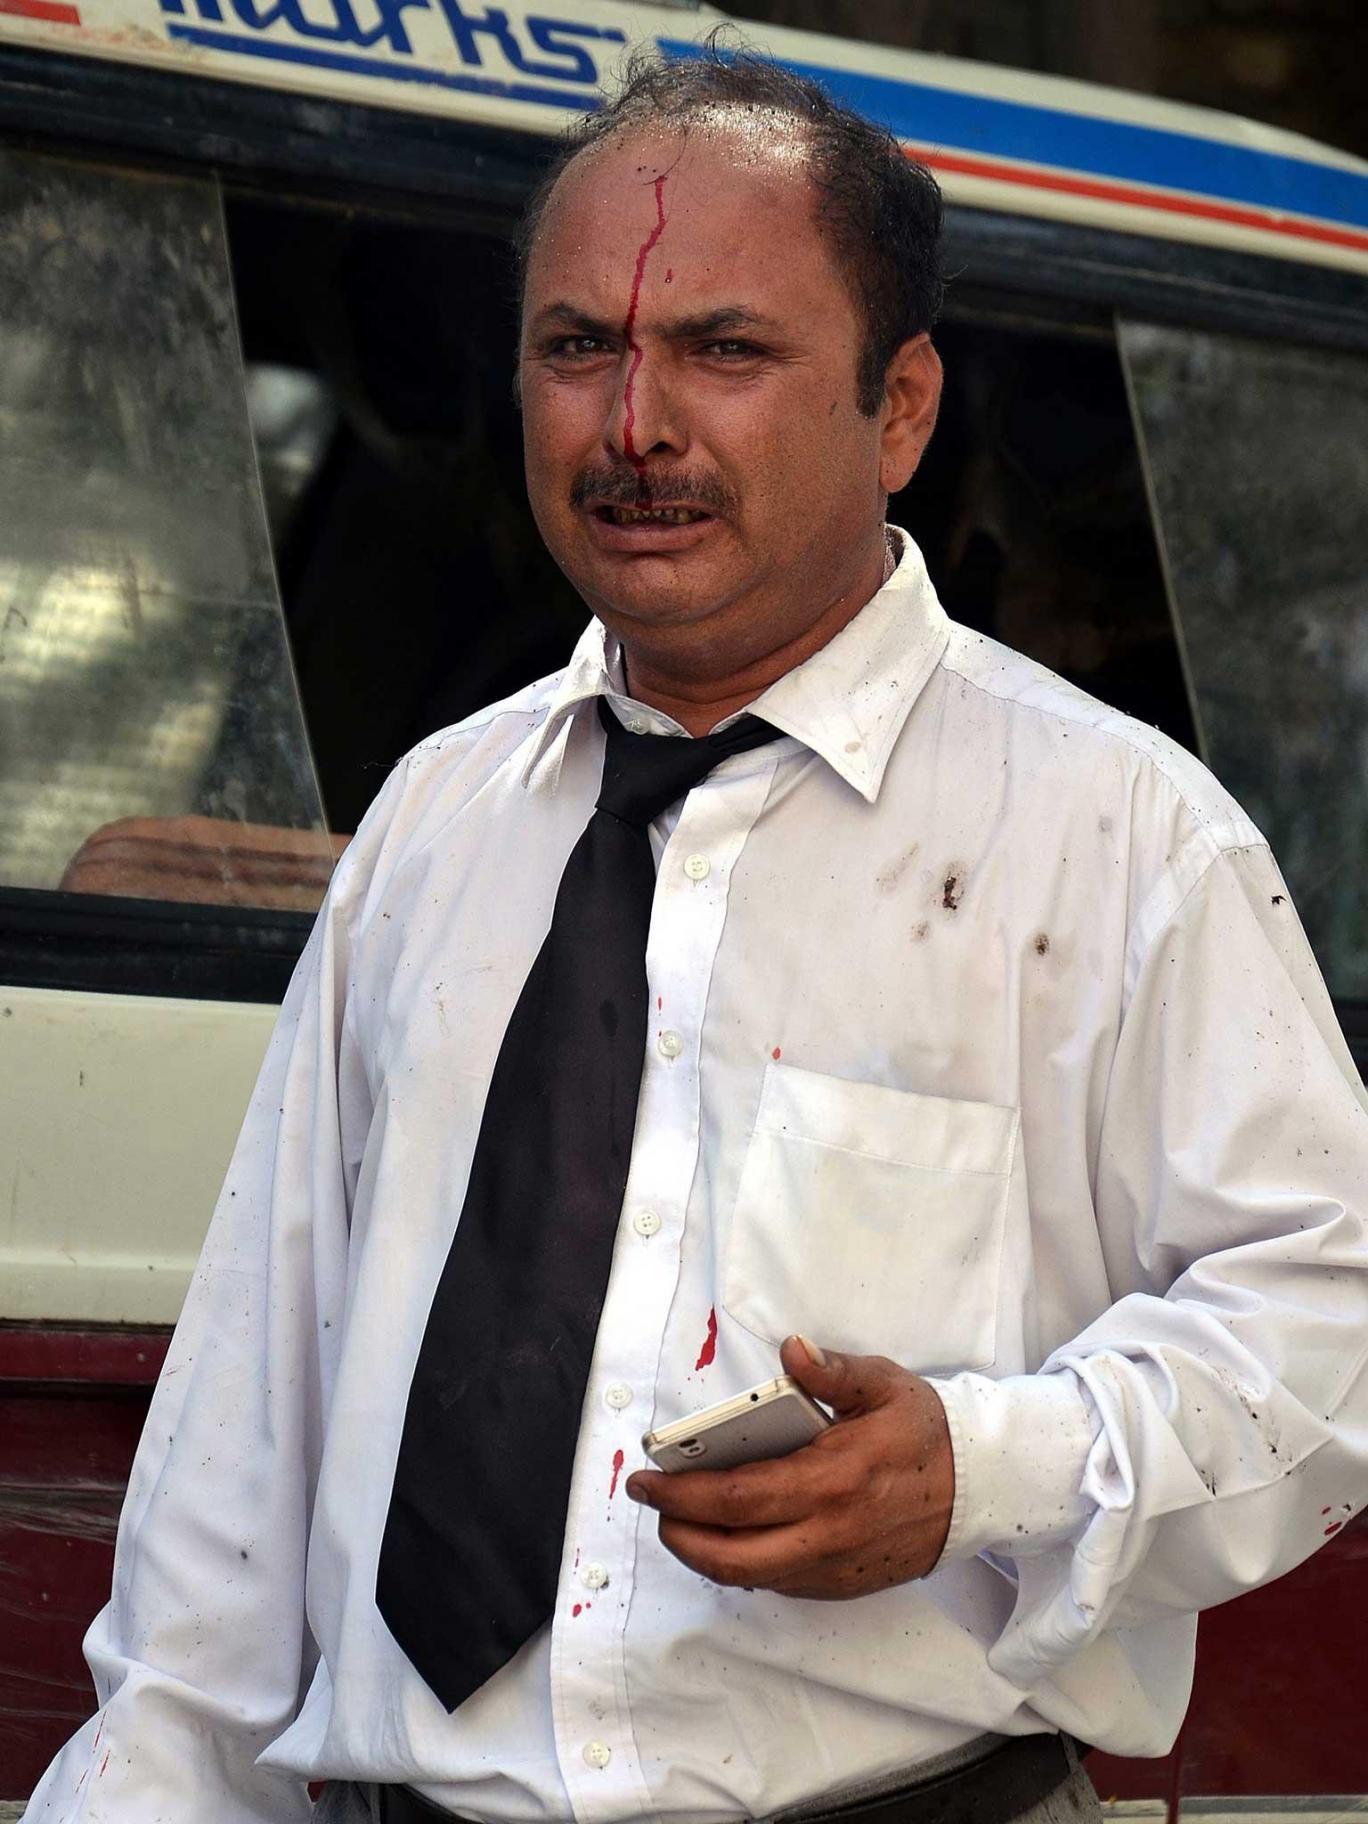 حمله انتحاری در پاکستان و سکوت رسانهای